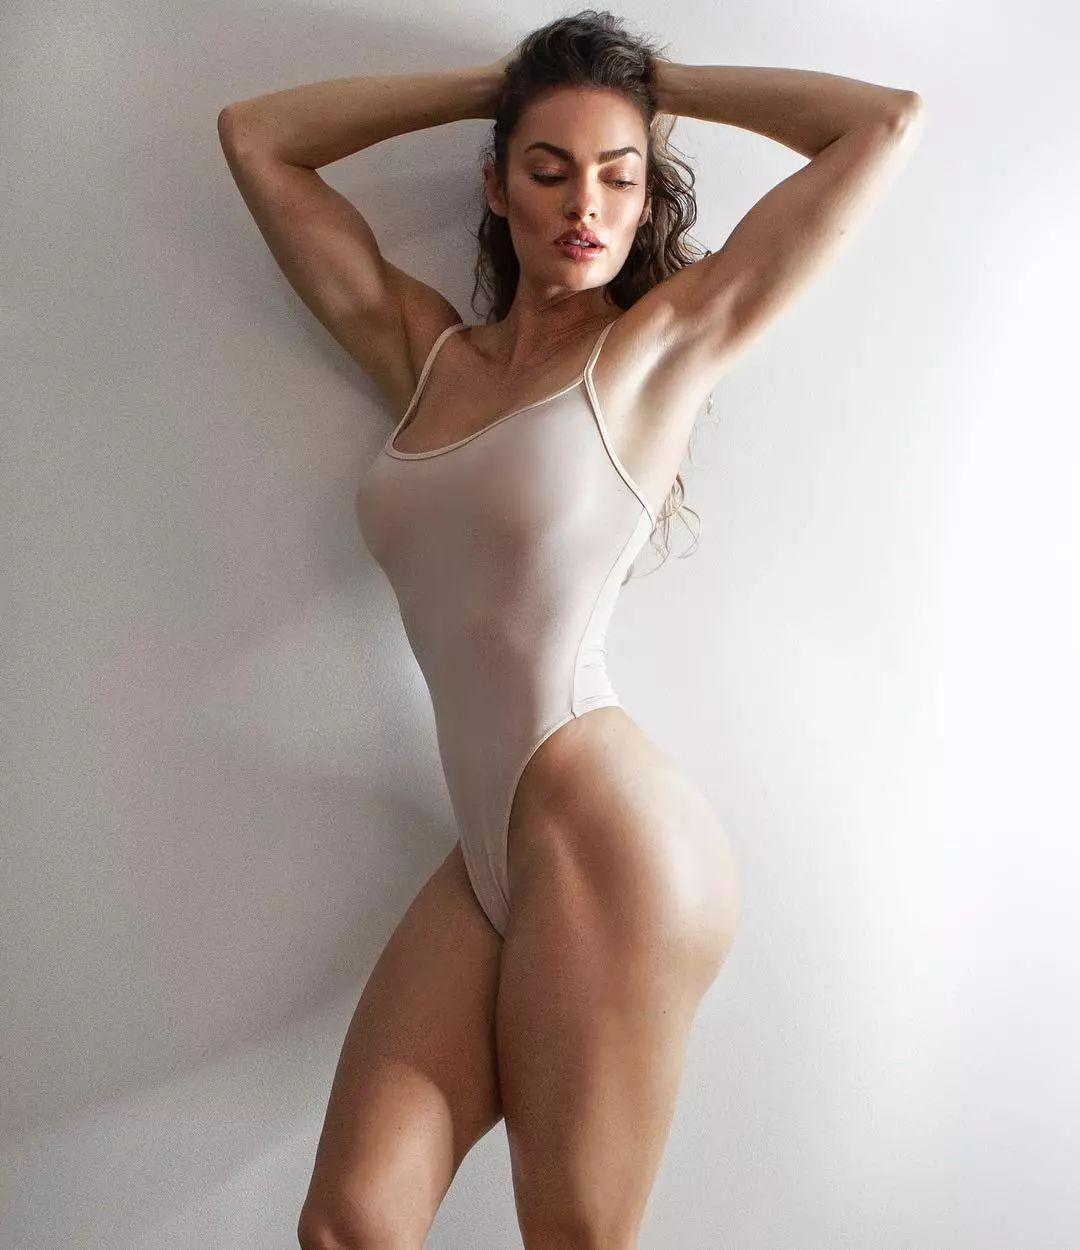 美女孕妇人体裸体_模特→孕妇→6块腹肌,为了好身材,这位美女拼了!